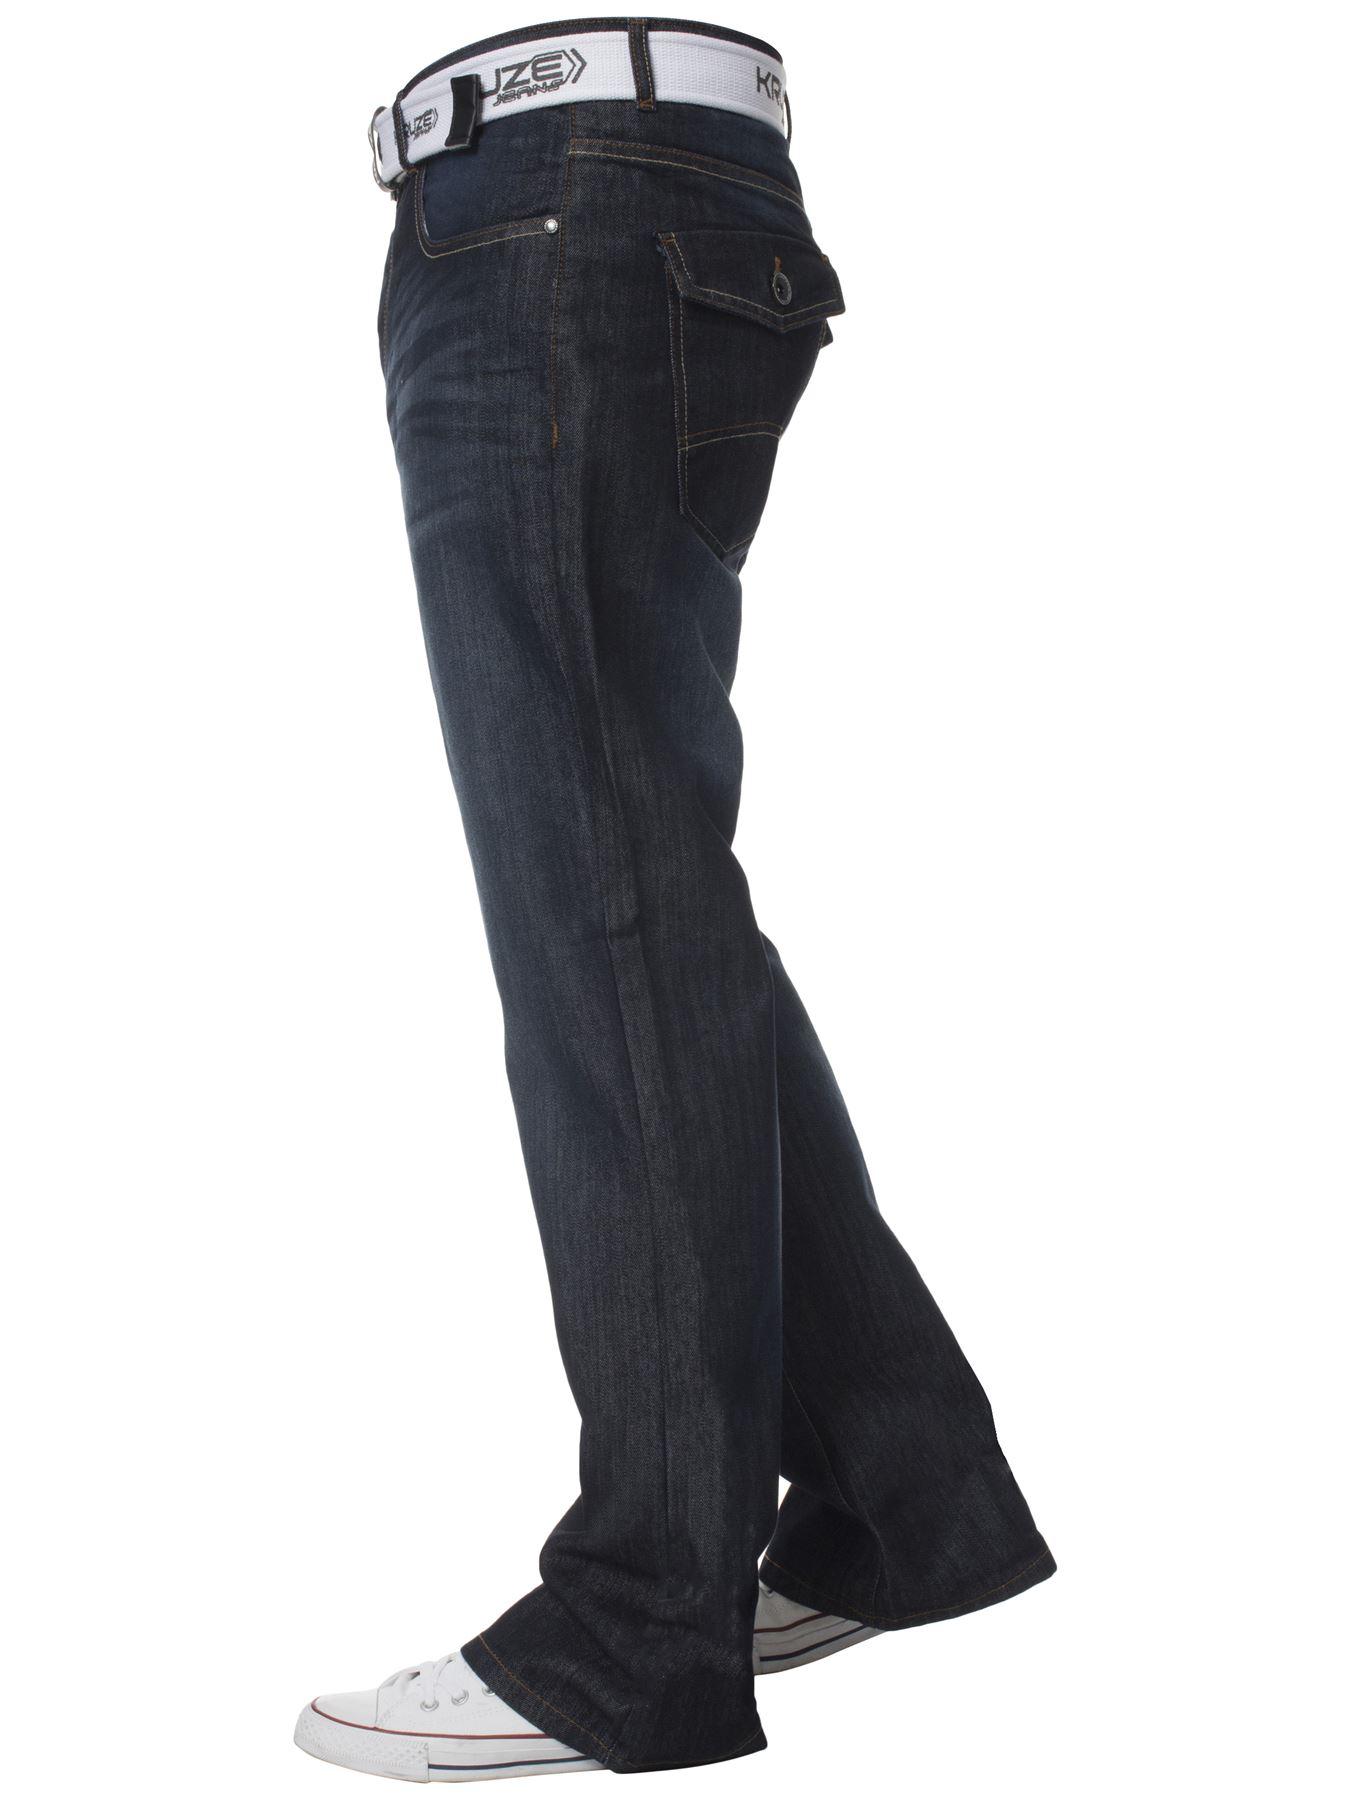 Kruze-Herren-Bootcut-Jeans-Ausgestellt-Weites-Bein-Denim-Hose-Gross-Hoch-Koenig Indexbild 16